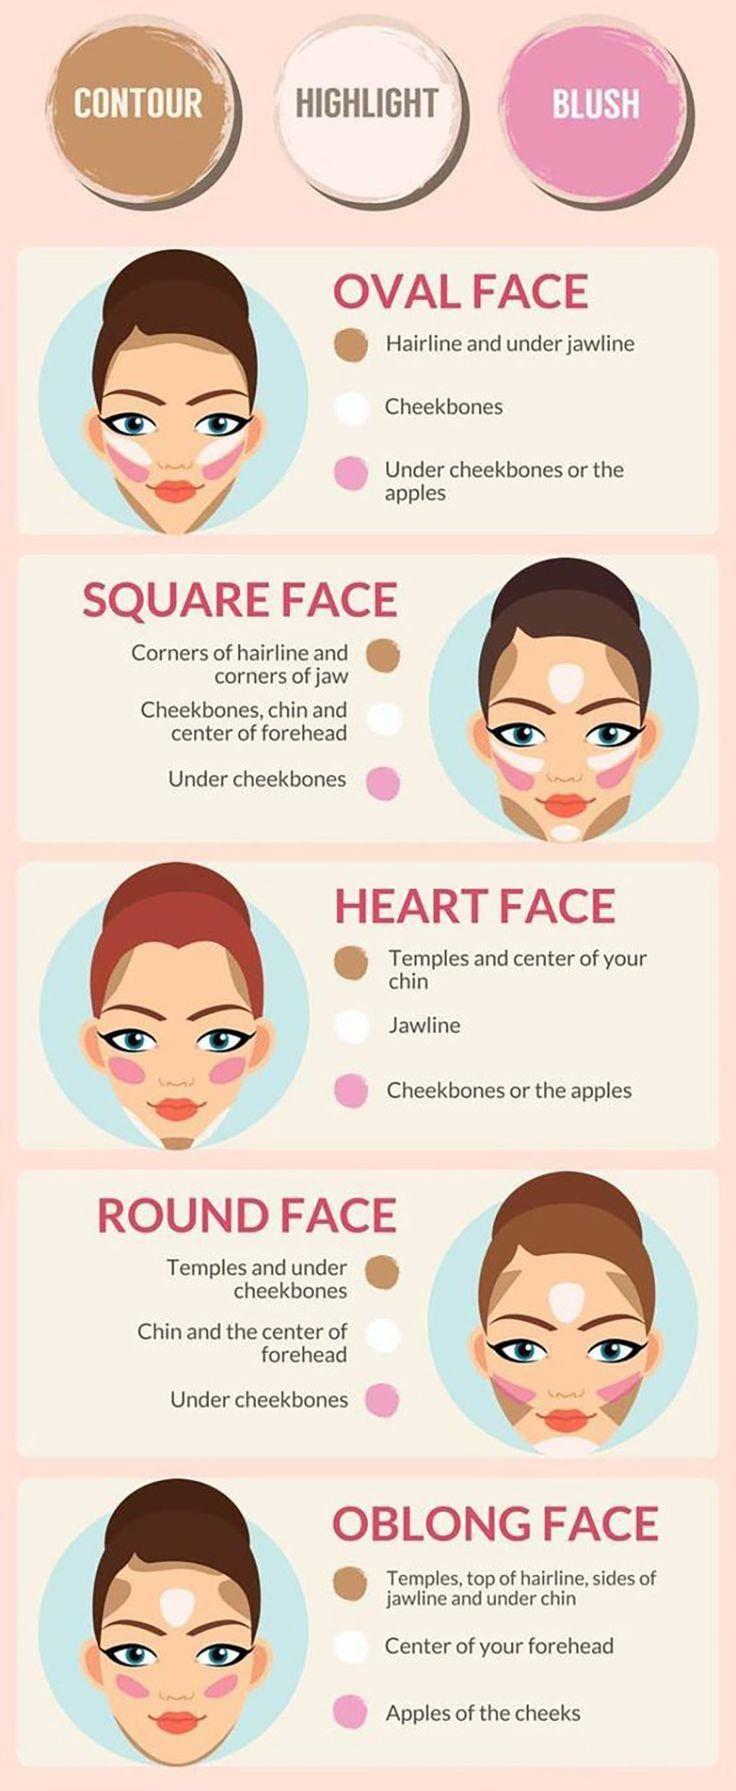 Der ultimative Leitfaden für die Auswahl von Make-up anhand Ihrer Gesichtsform